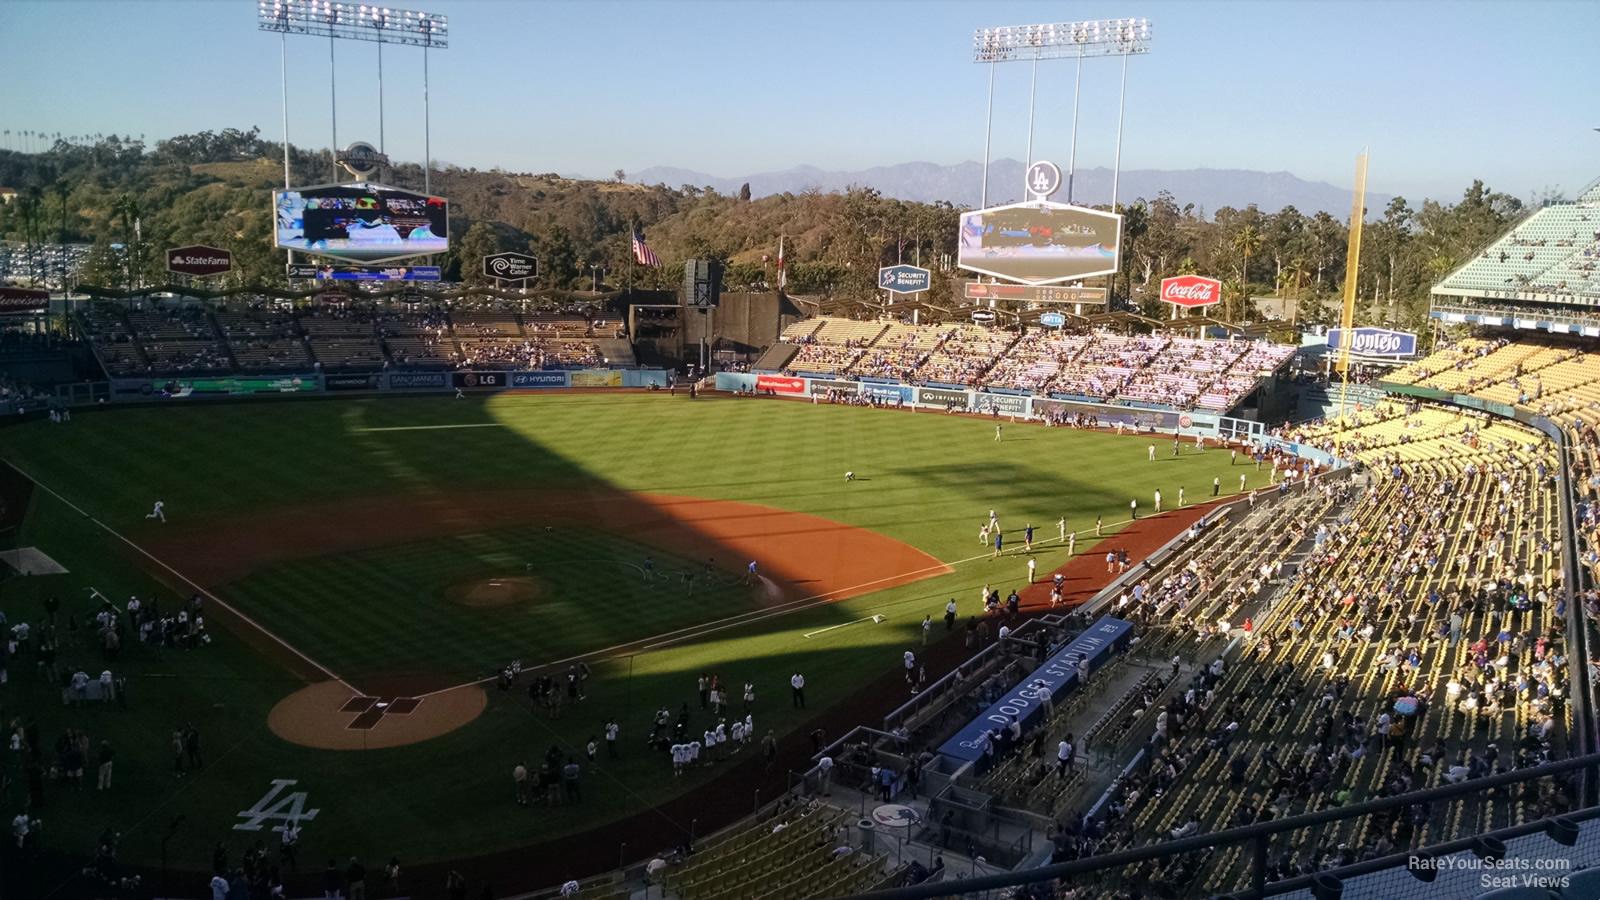 Dodger Stadium Infield Reserve 4 - RateYourSeats.com